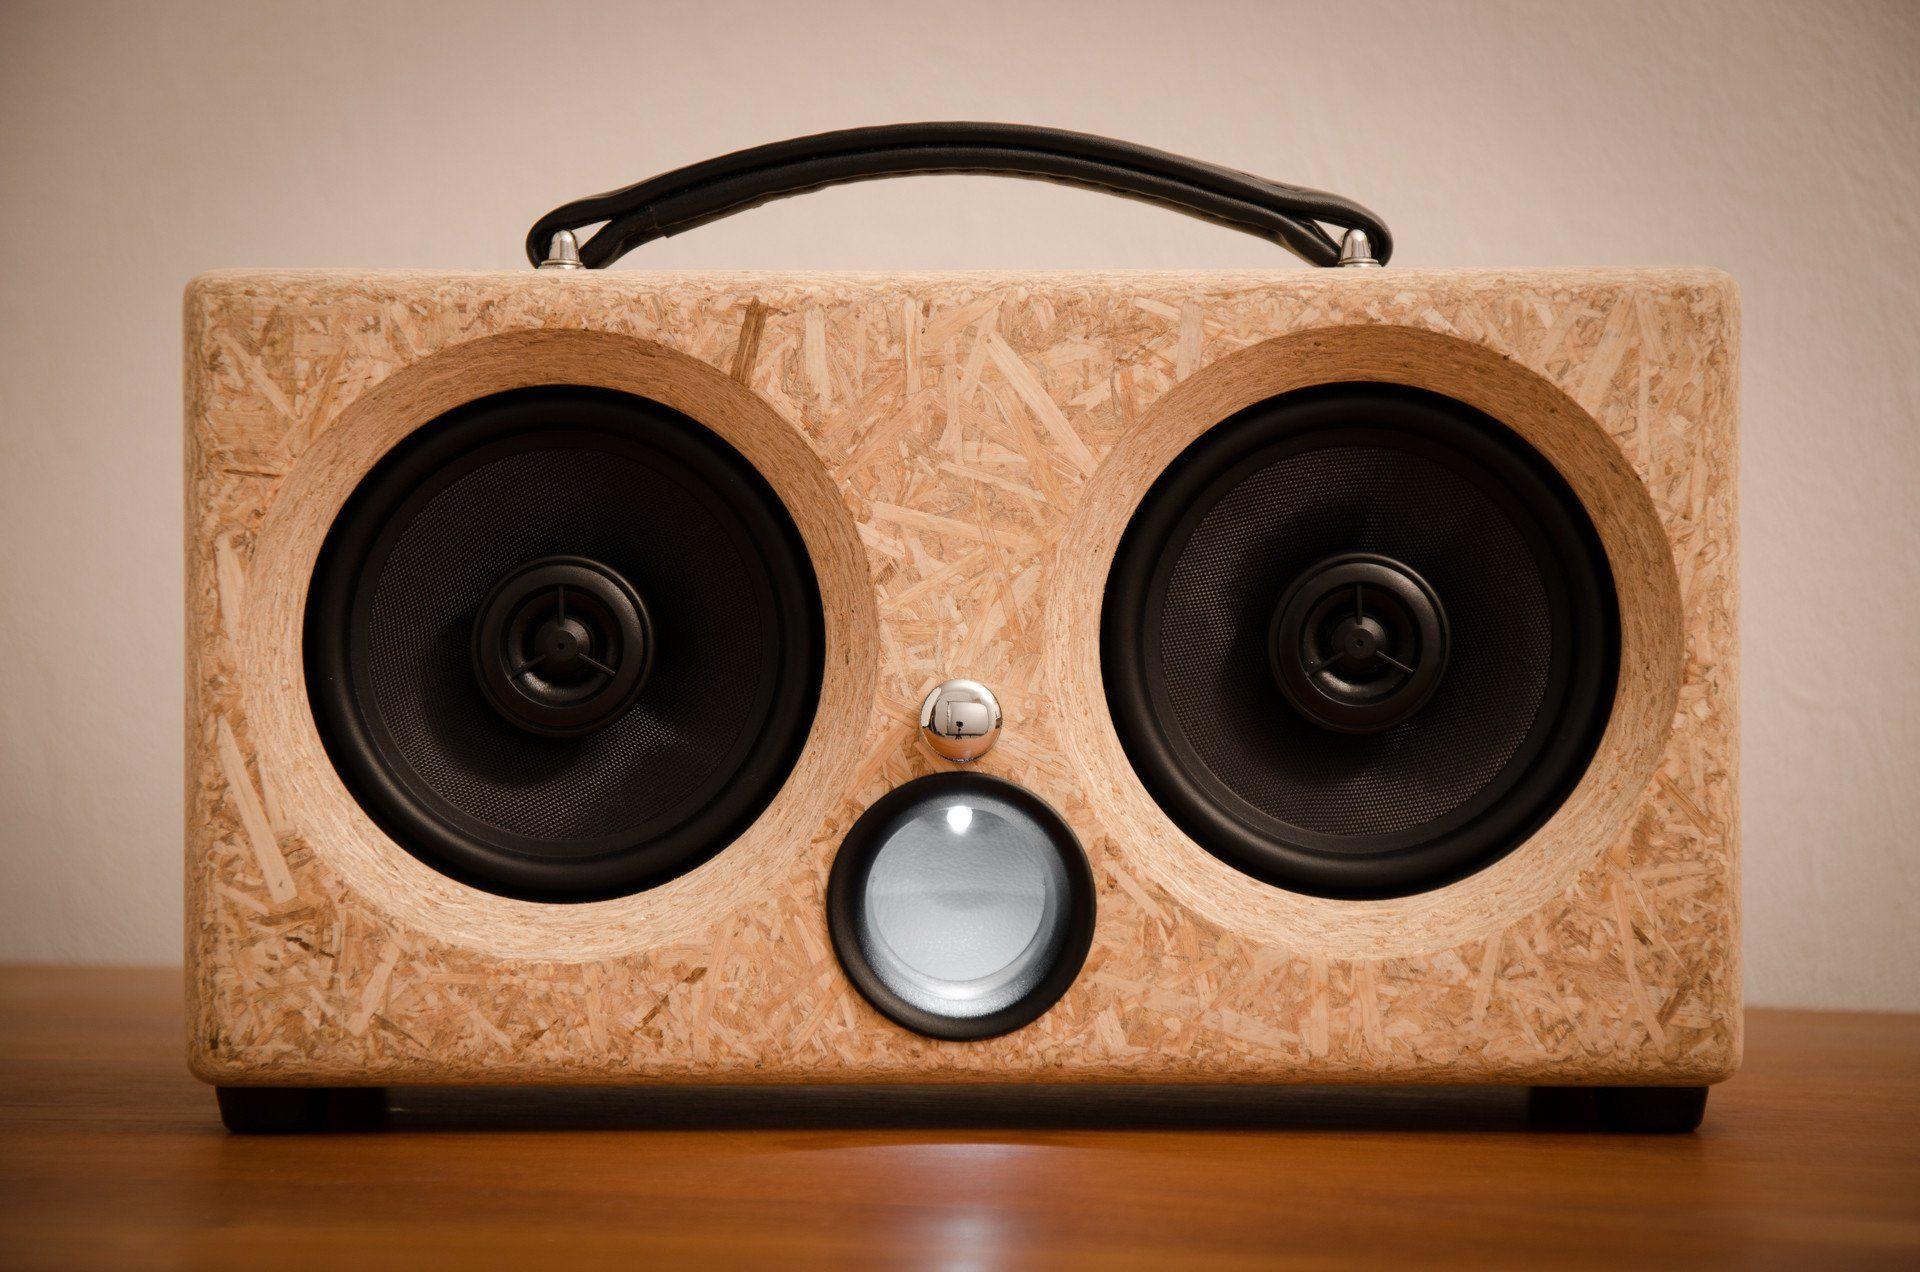 best wireless speaker system 2015